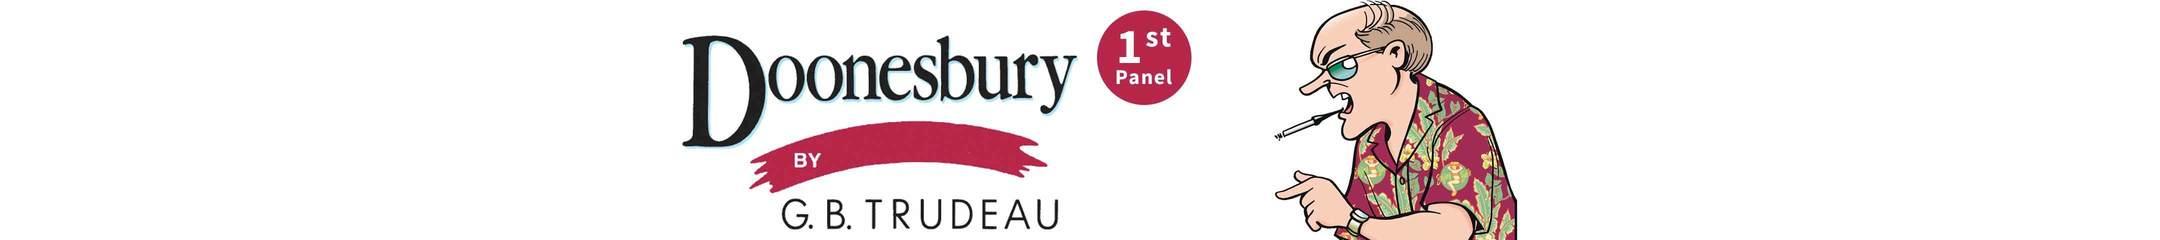 Doonesbury